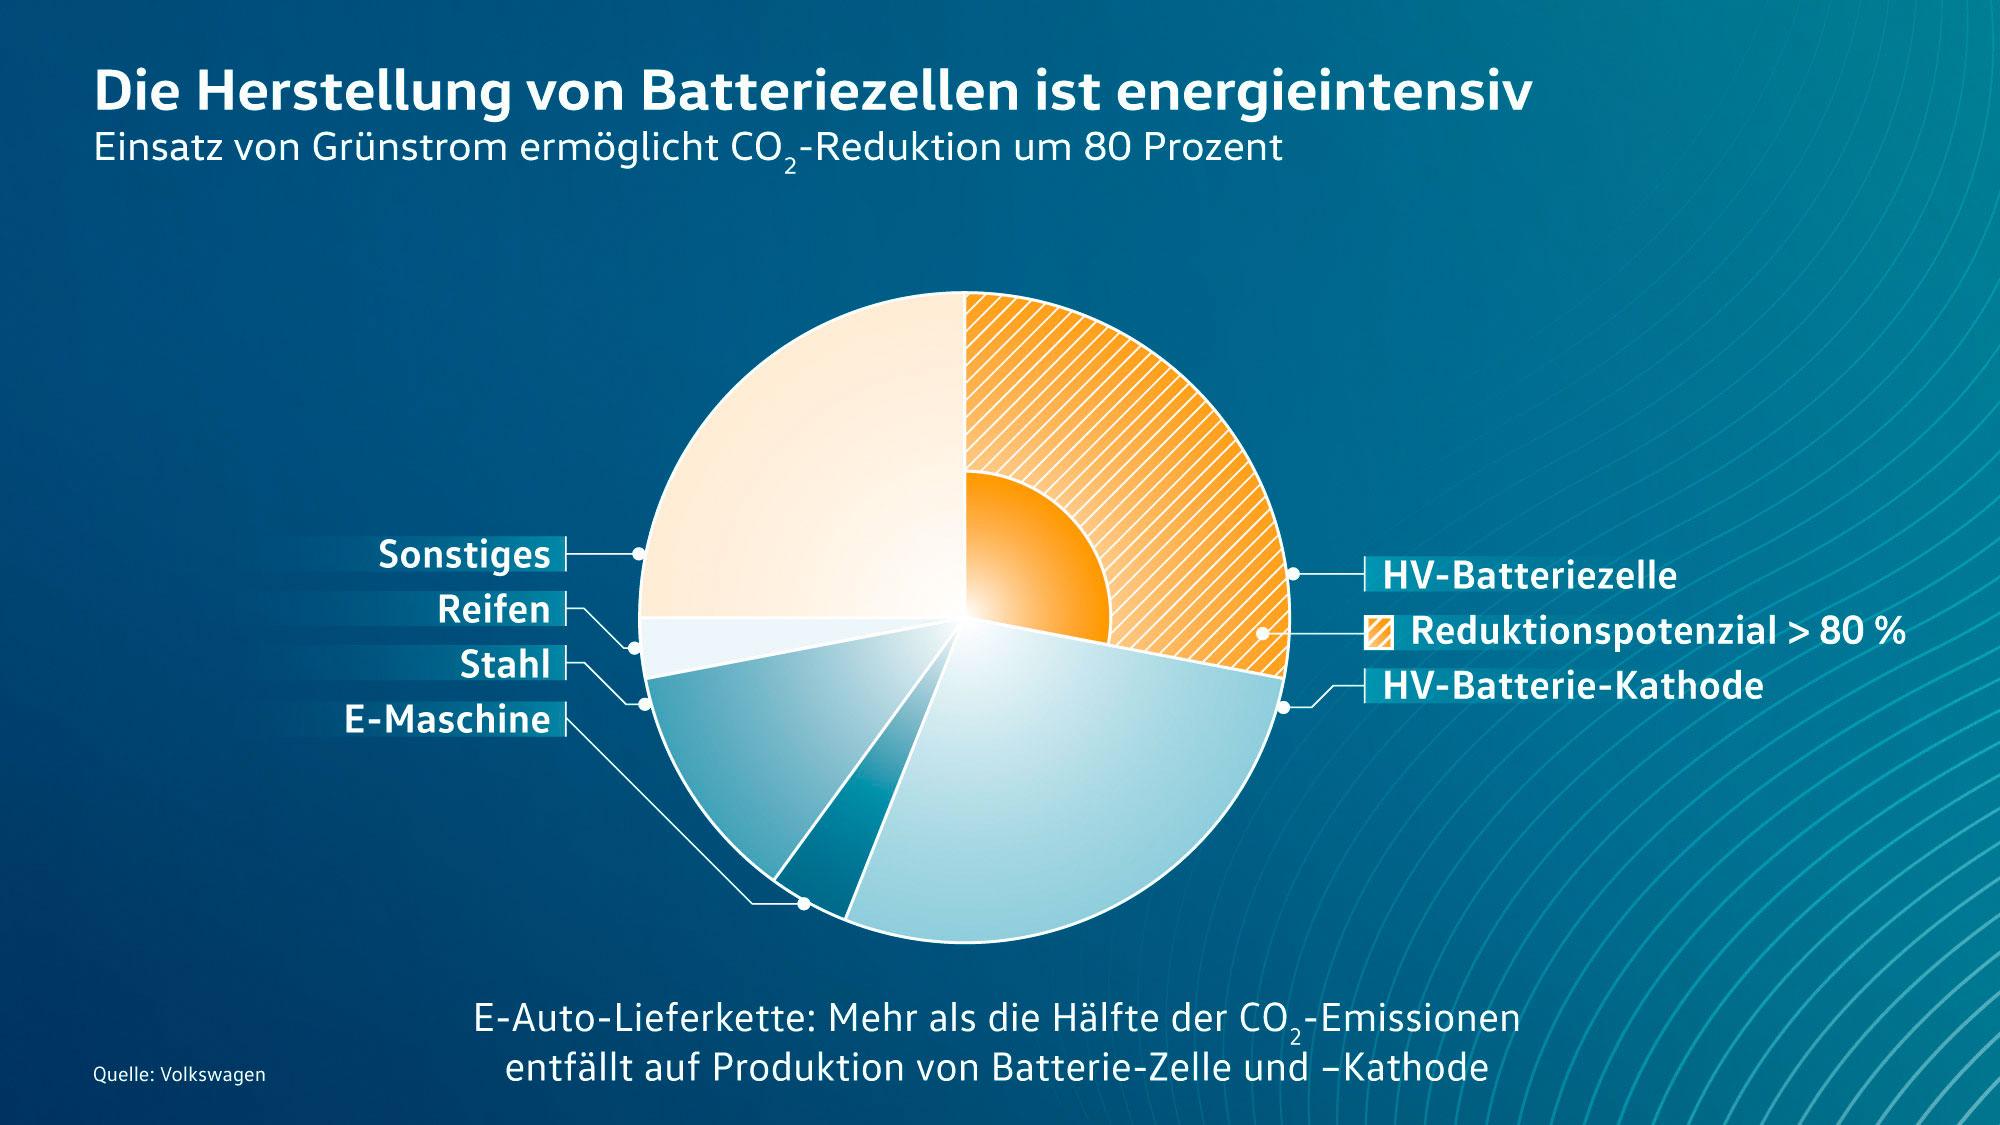 VW-Batterieproduktion-Elektroauto-CO2